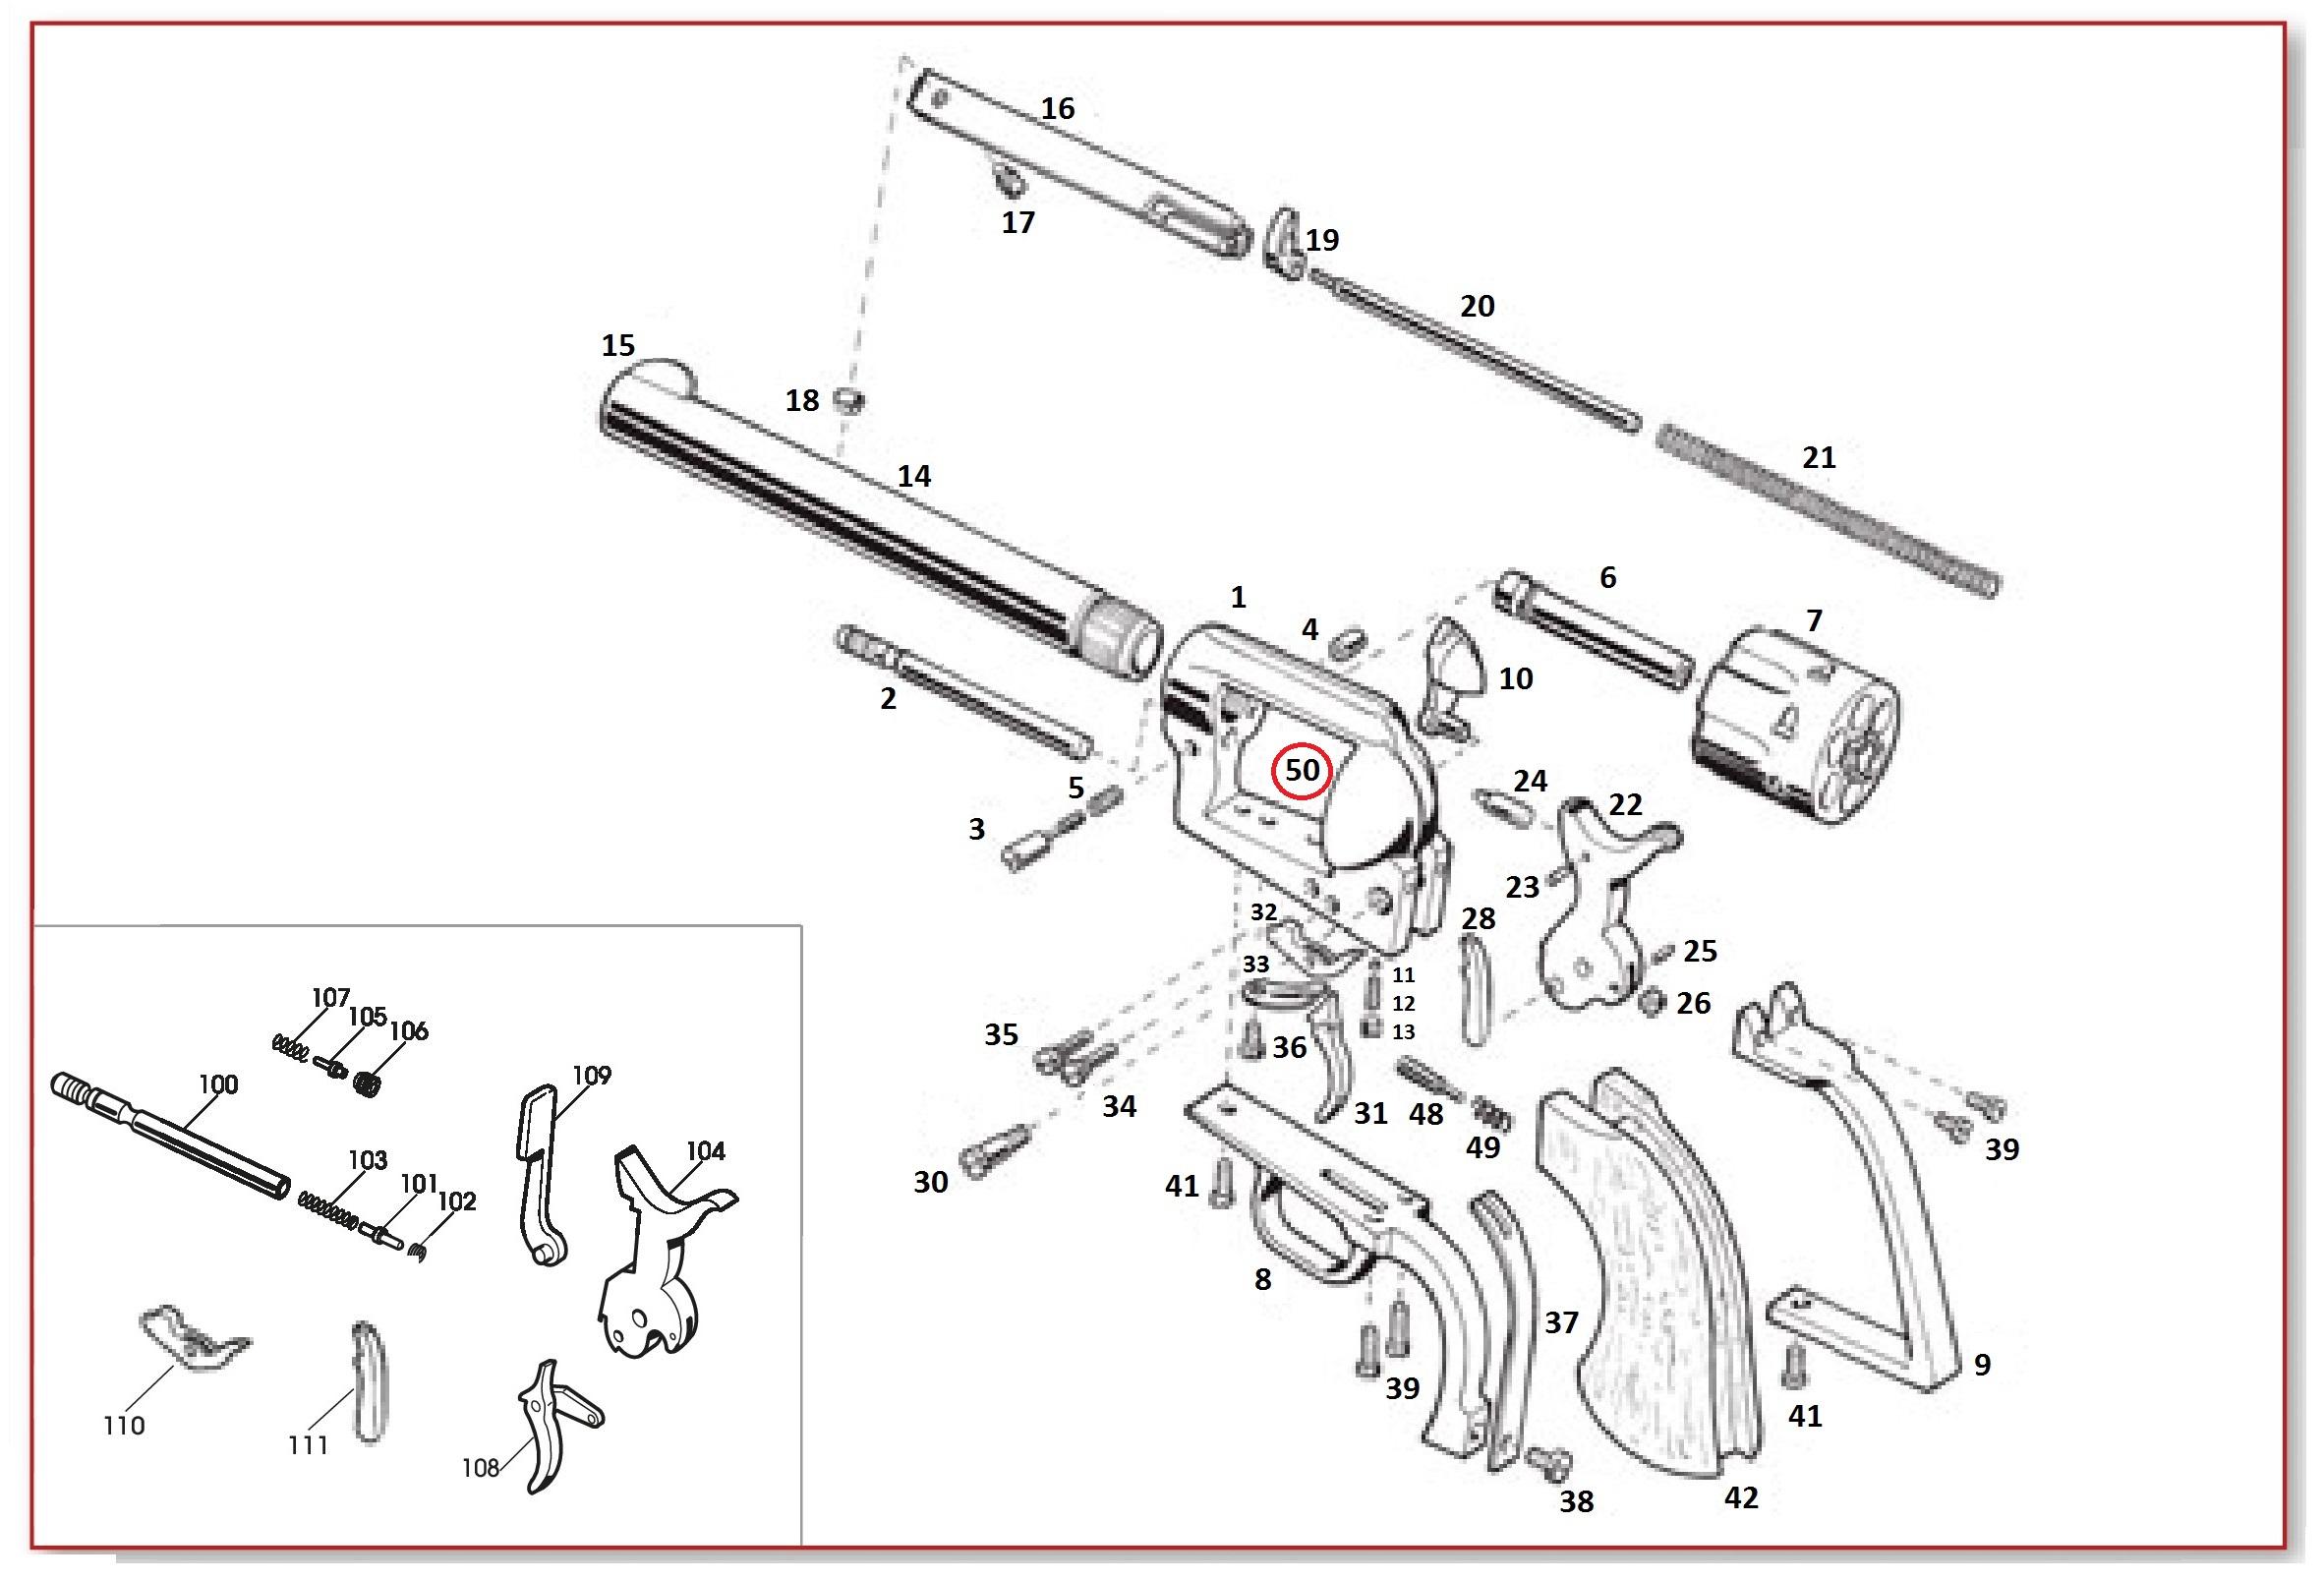 #50 1873 GWII Firing Pin Bushing For Frame (Recoil Shield)